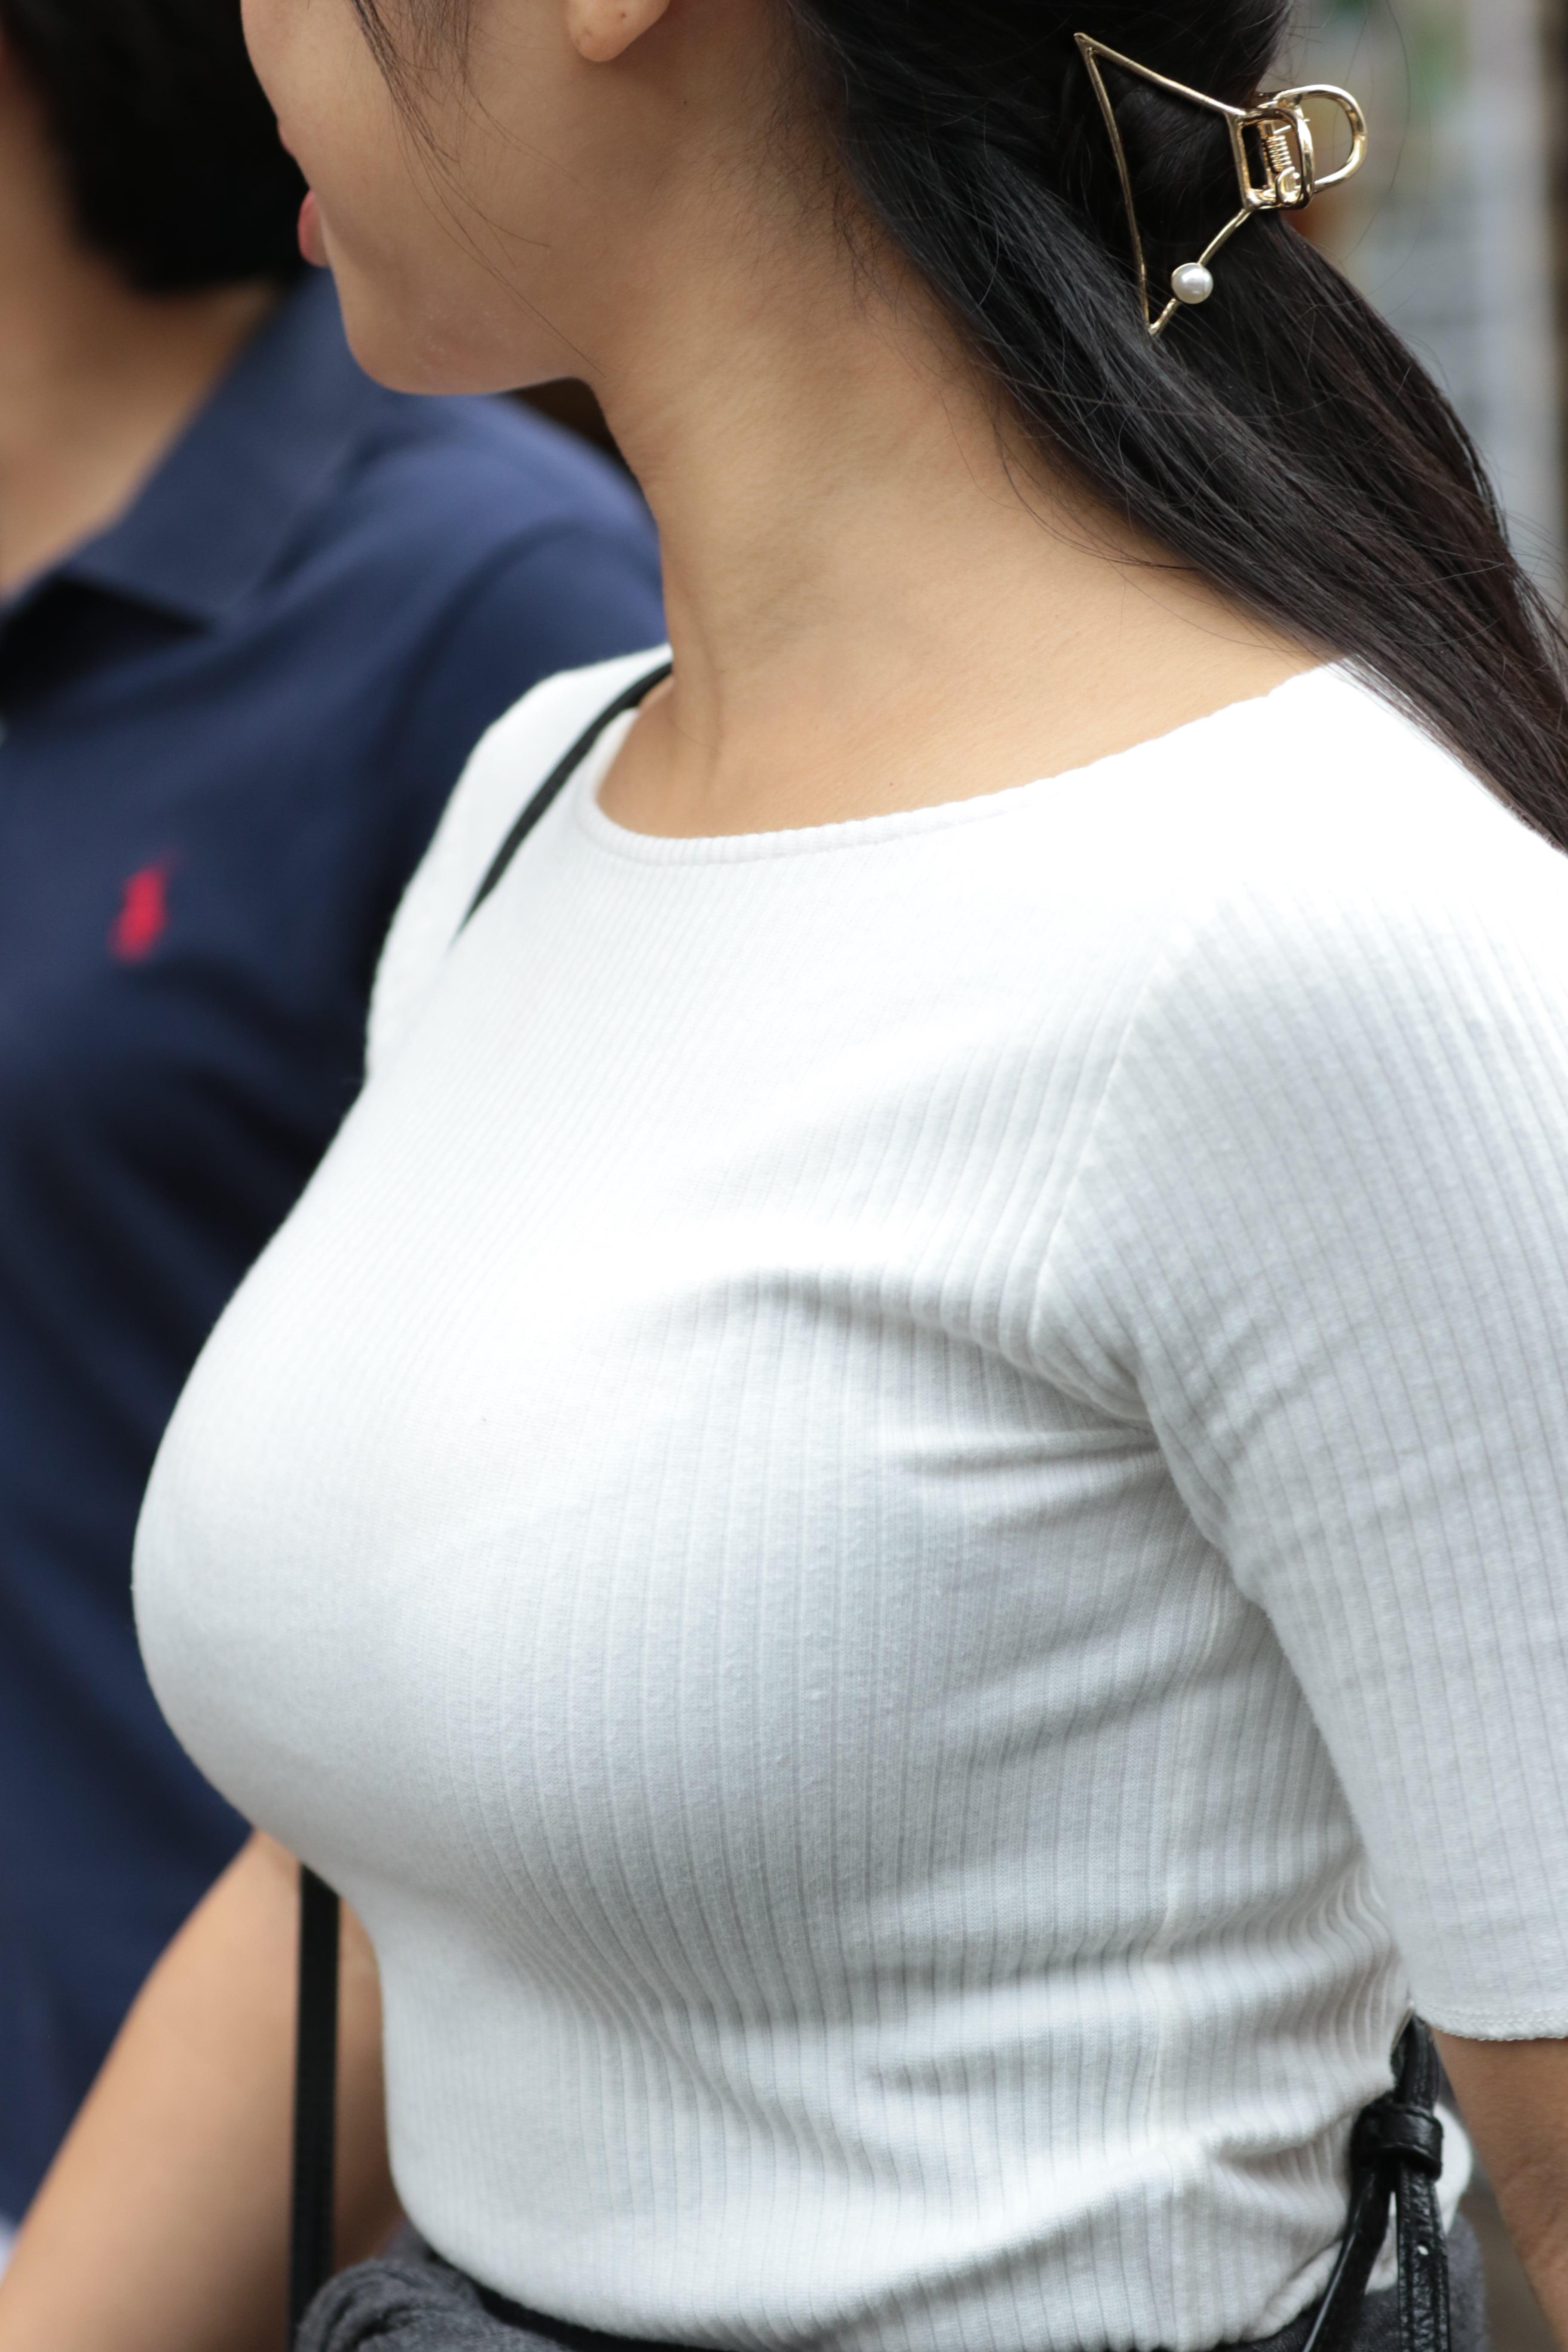 着衣巨乳_デカパイ_街撮り_エロ画像_13